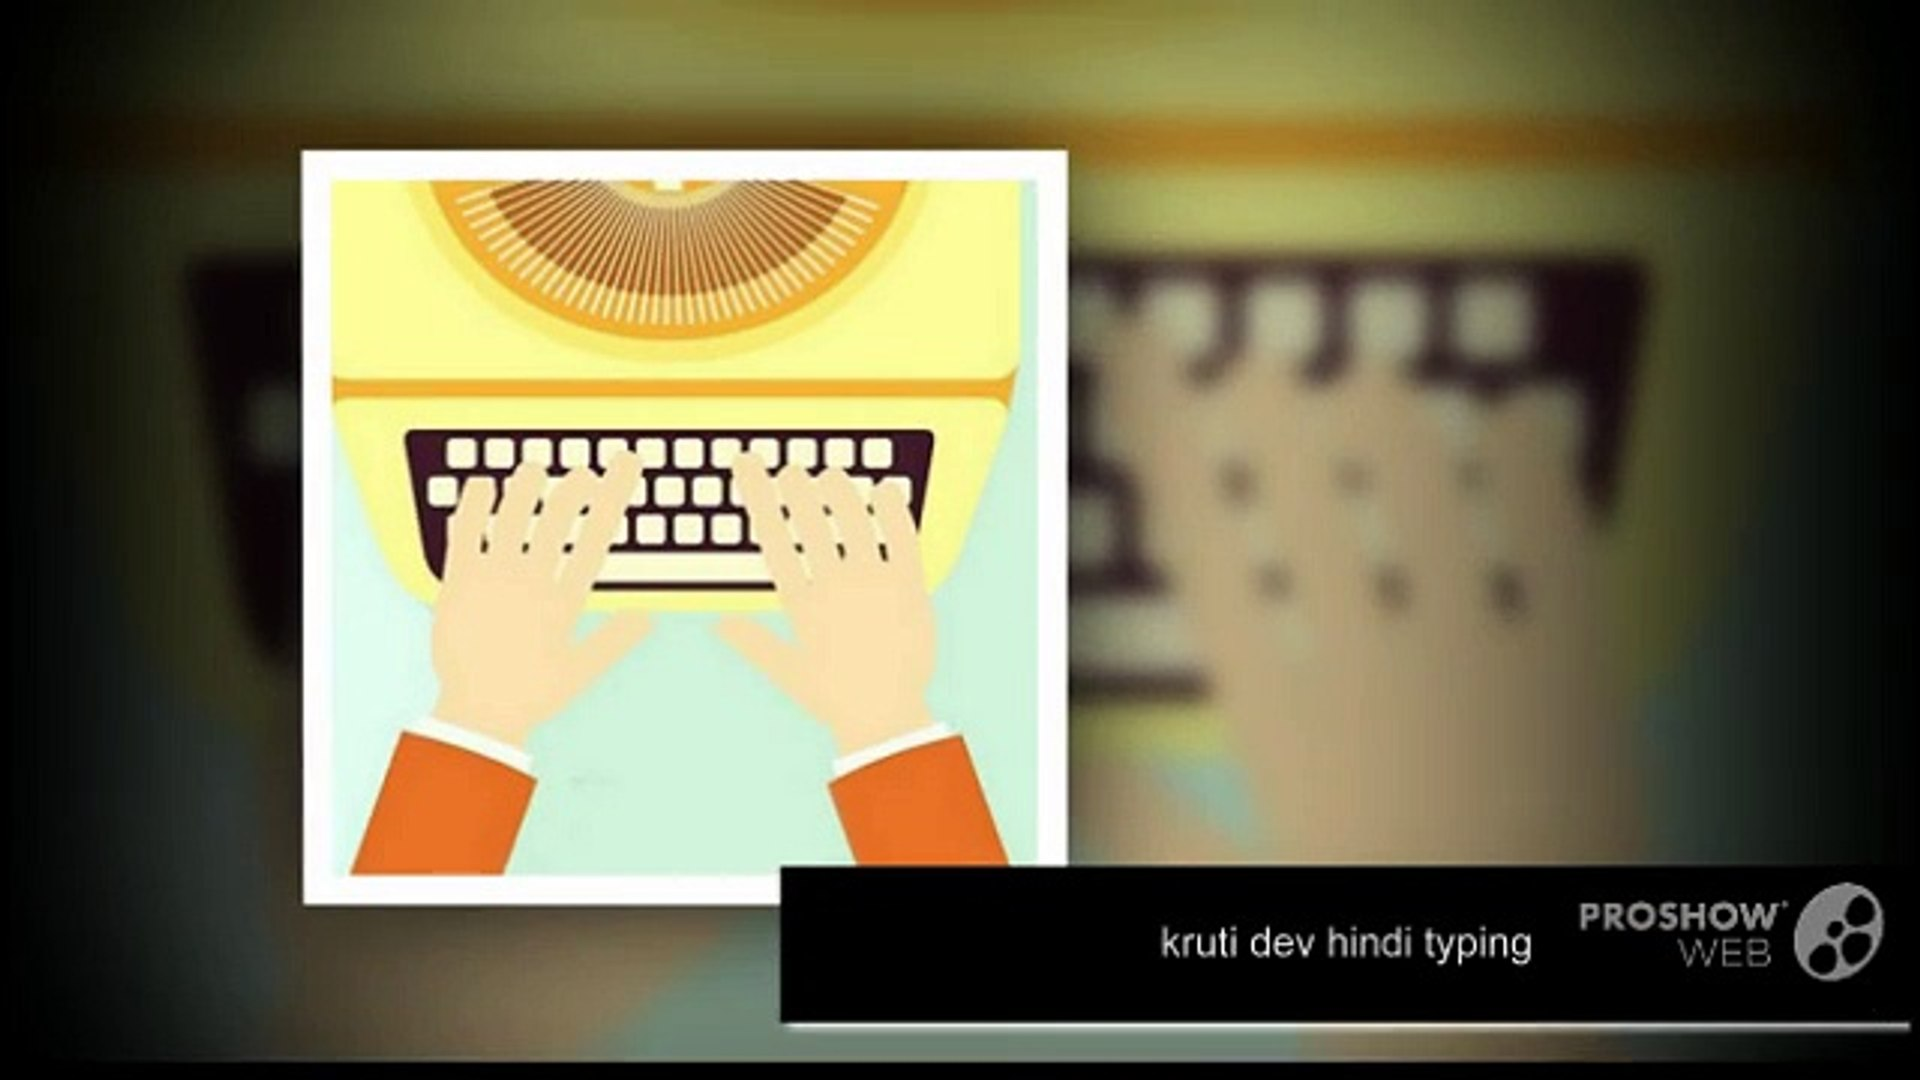 kruti dev hindi typing